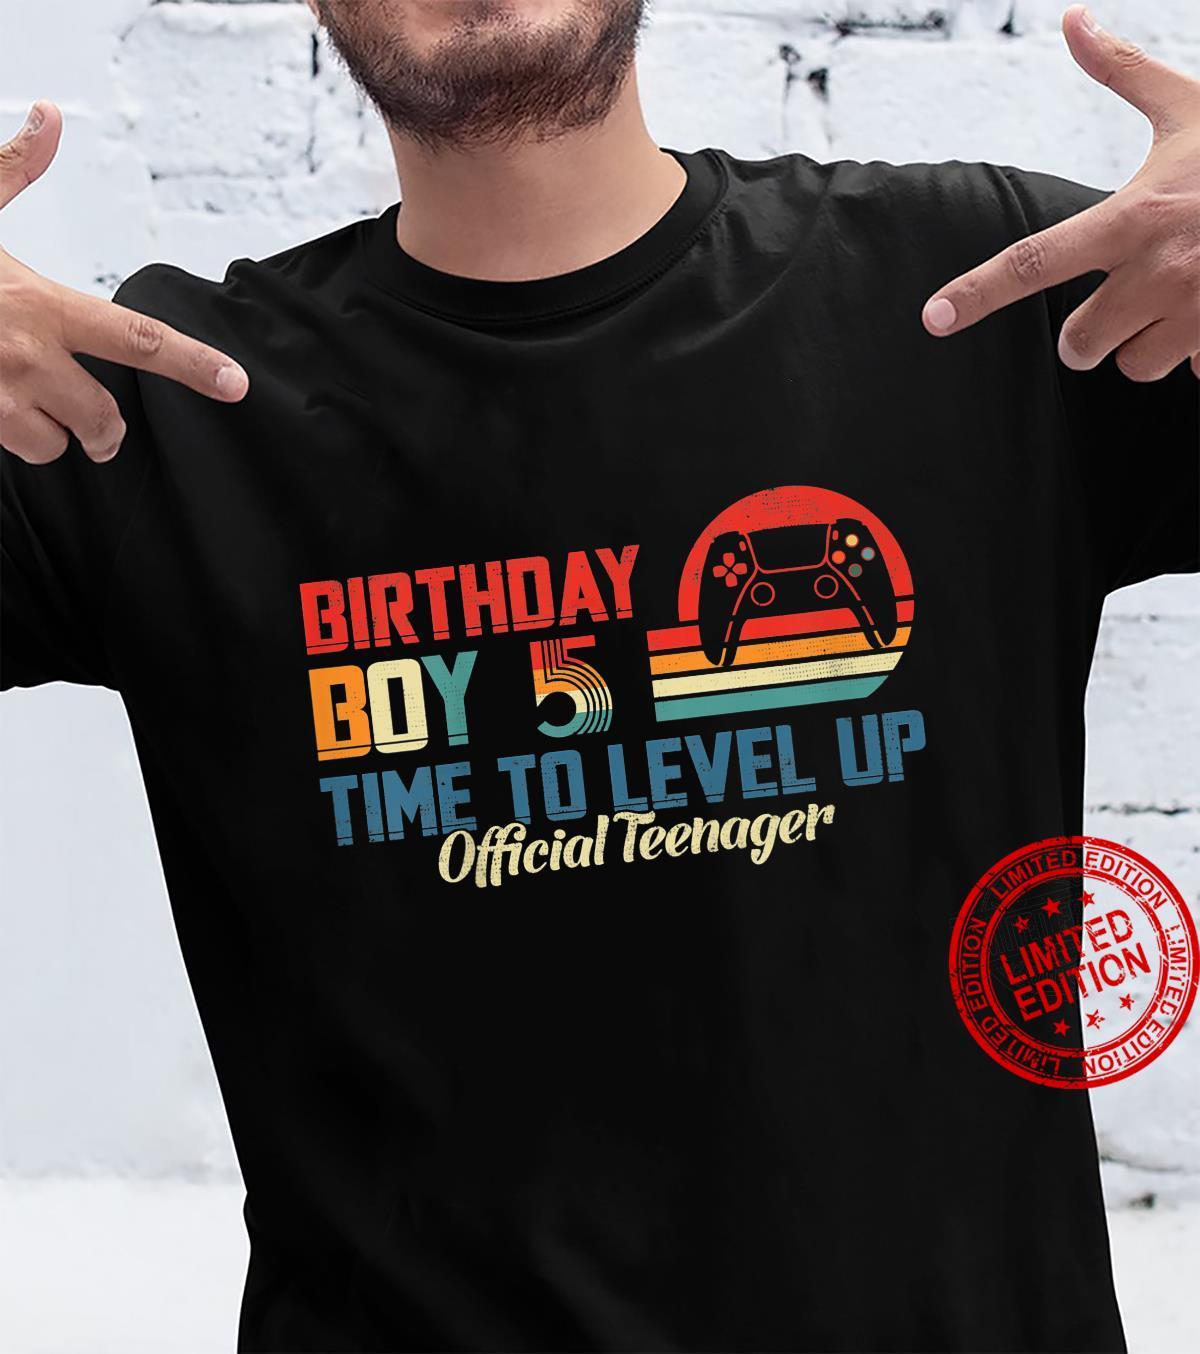 Kids Birthday Boy 5 Time to Level Up 5th Birthday Boy Level Up Shirt